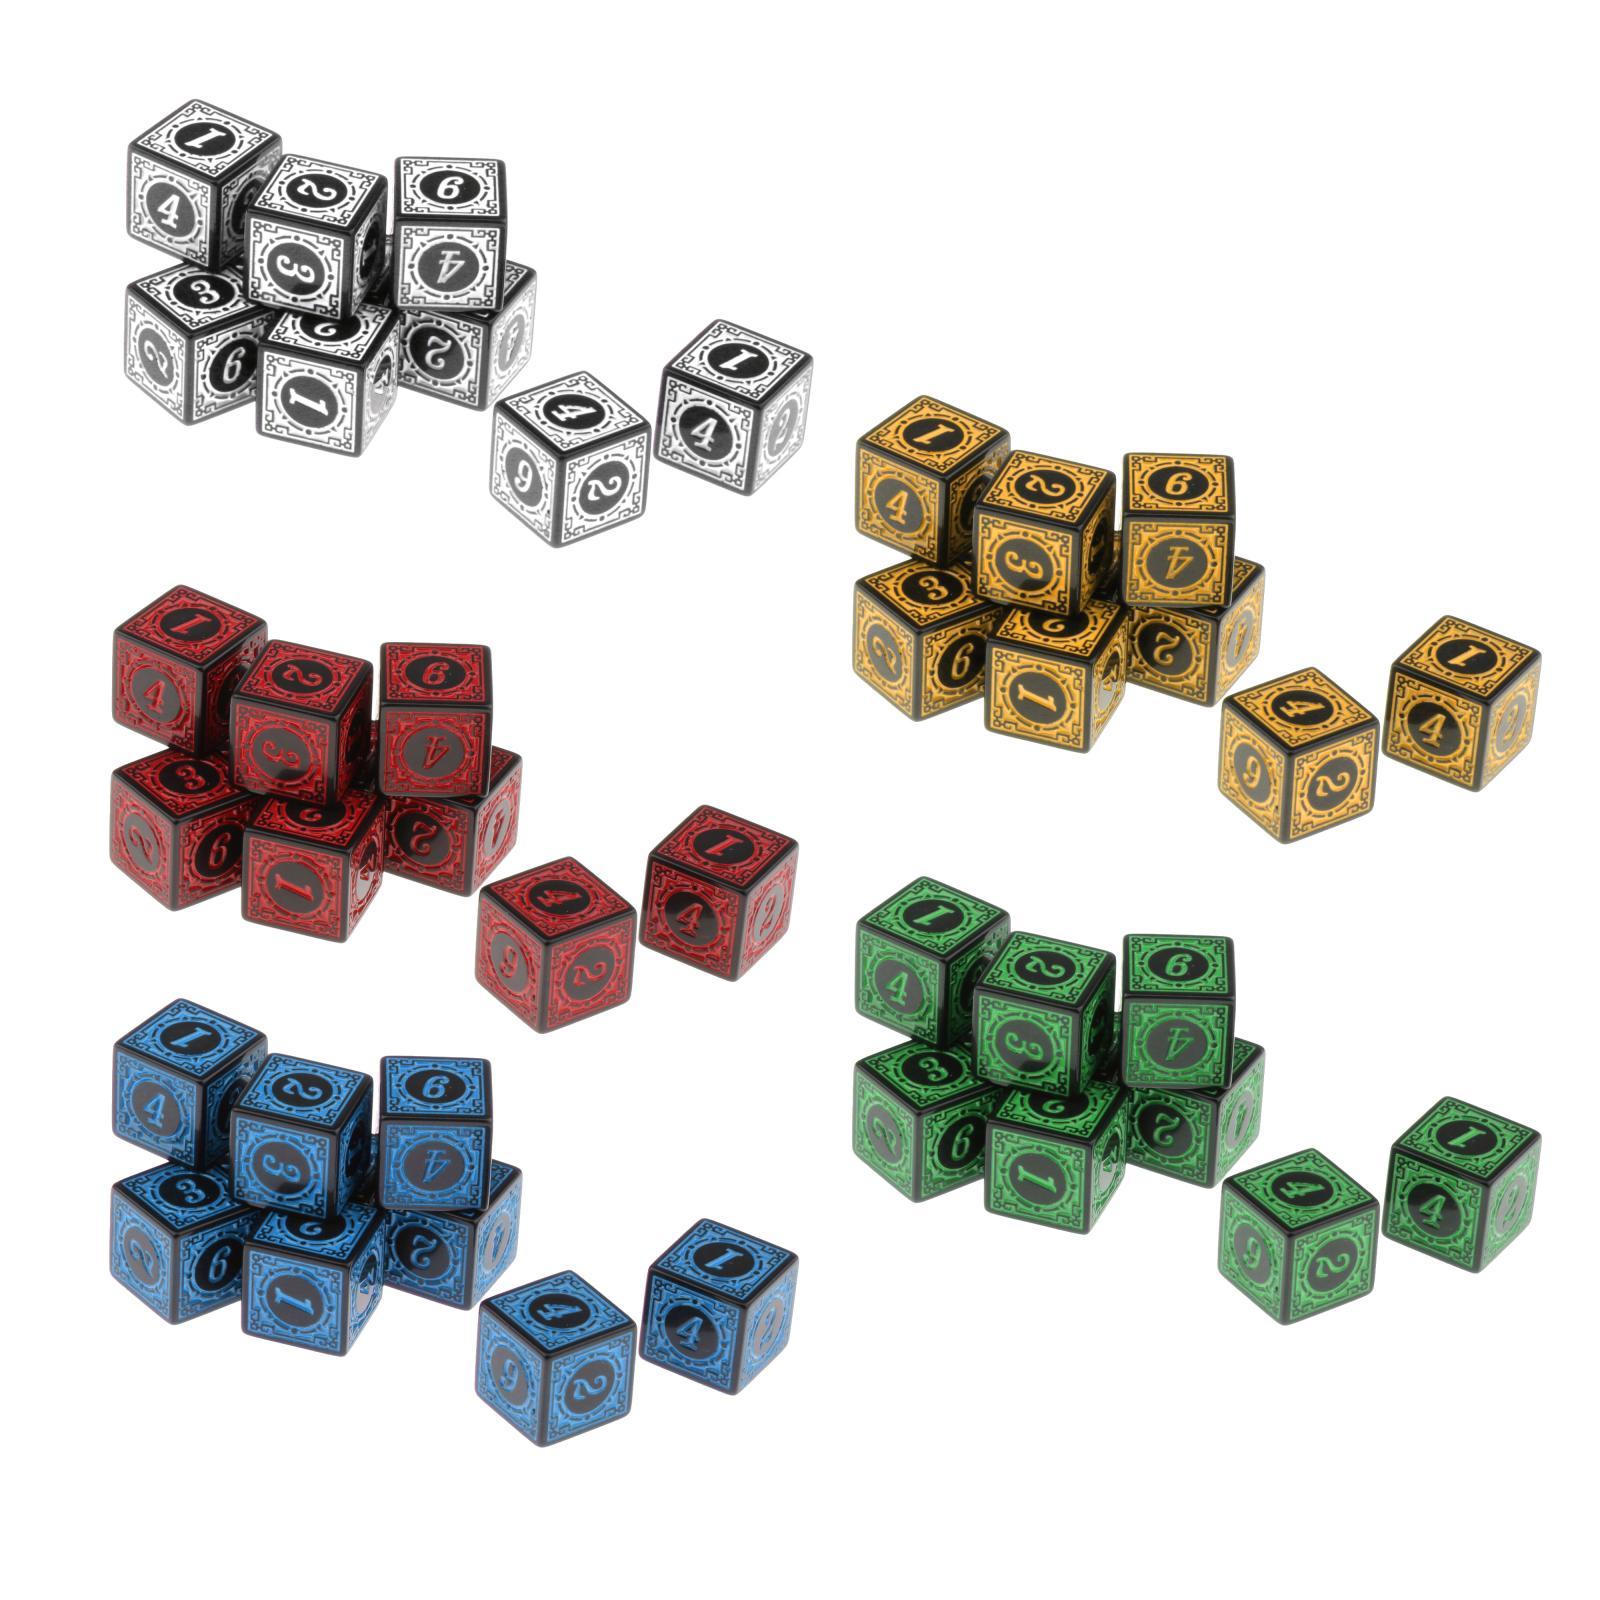 Dadi acrilici 10xMulti lati per giochi di ruolo da tavolo